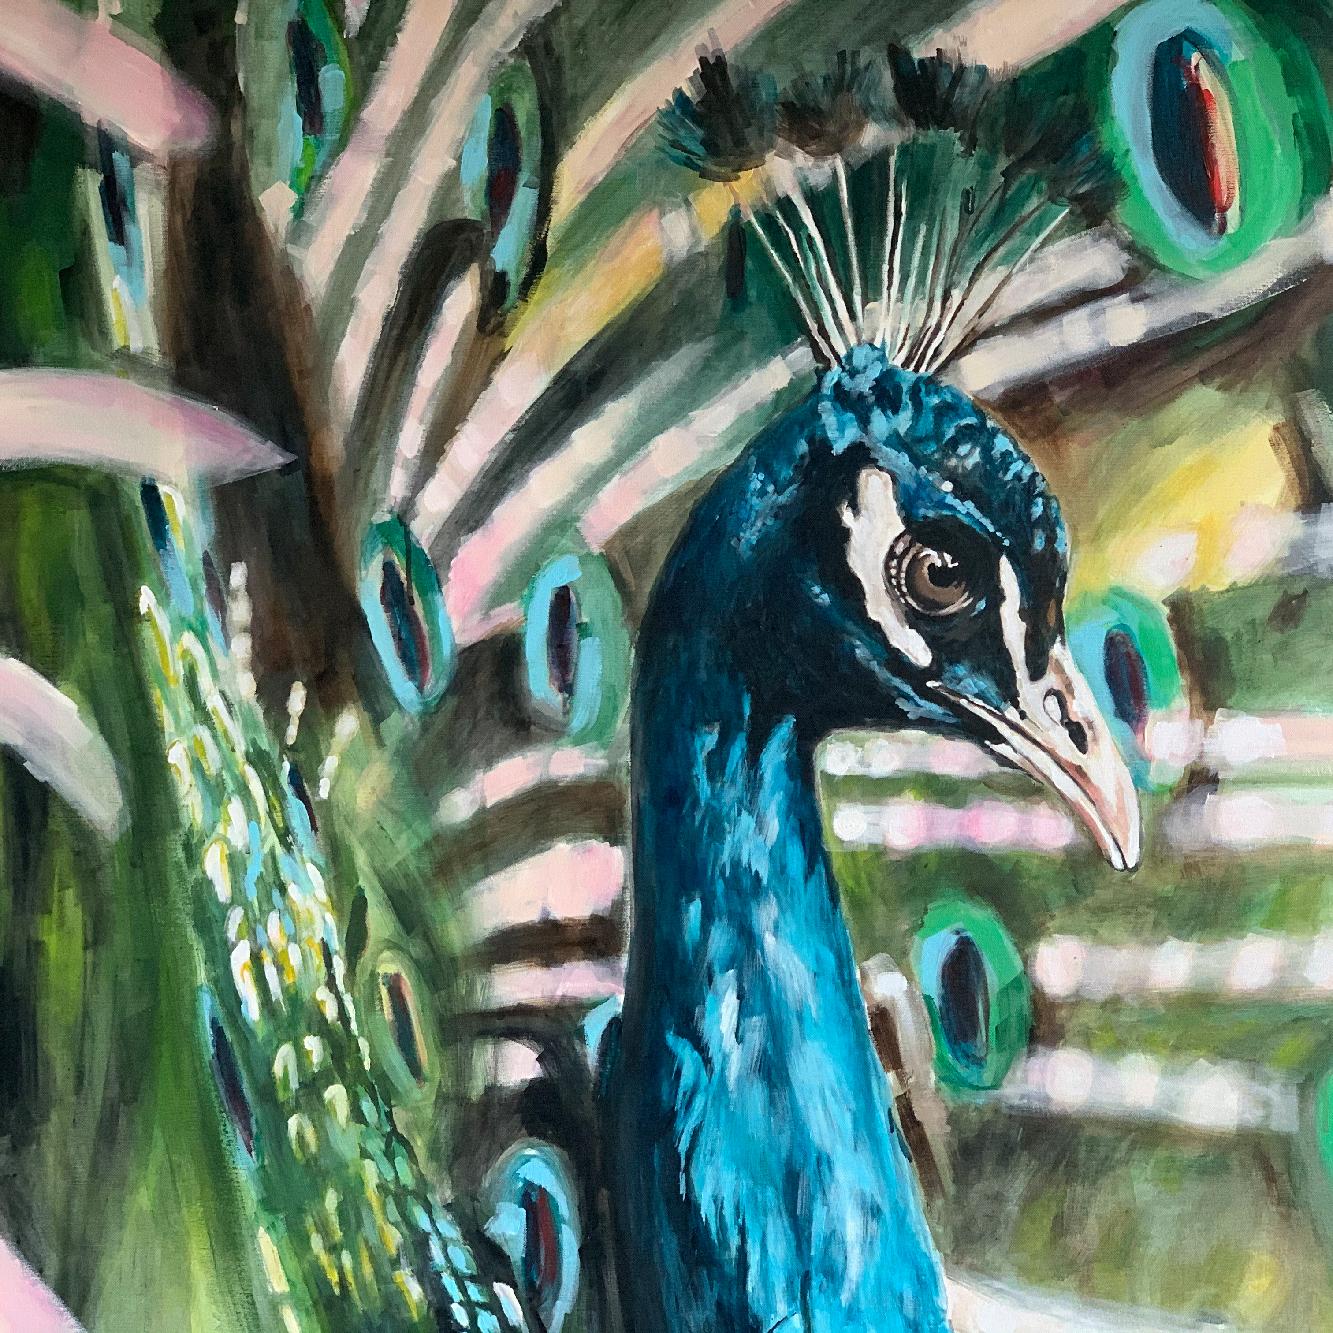 Das Bild zeigt ein Gemälde von der Künstlerin Brigitte Schroeder. Das Kunstwerk zeigt einen Pfau in grünen und blauen Farben.